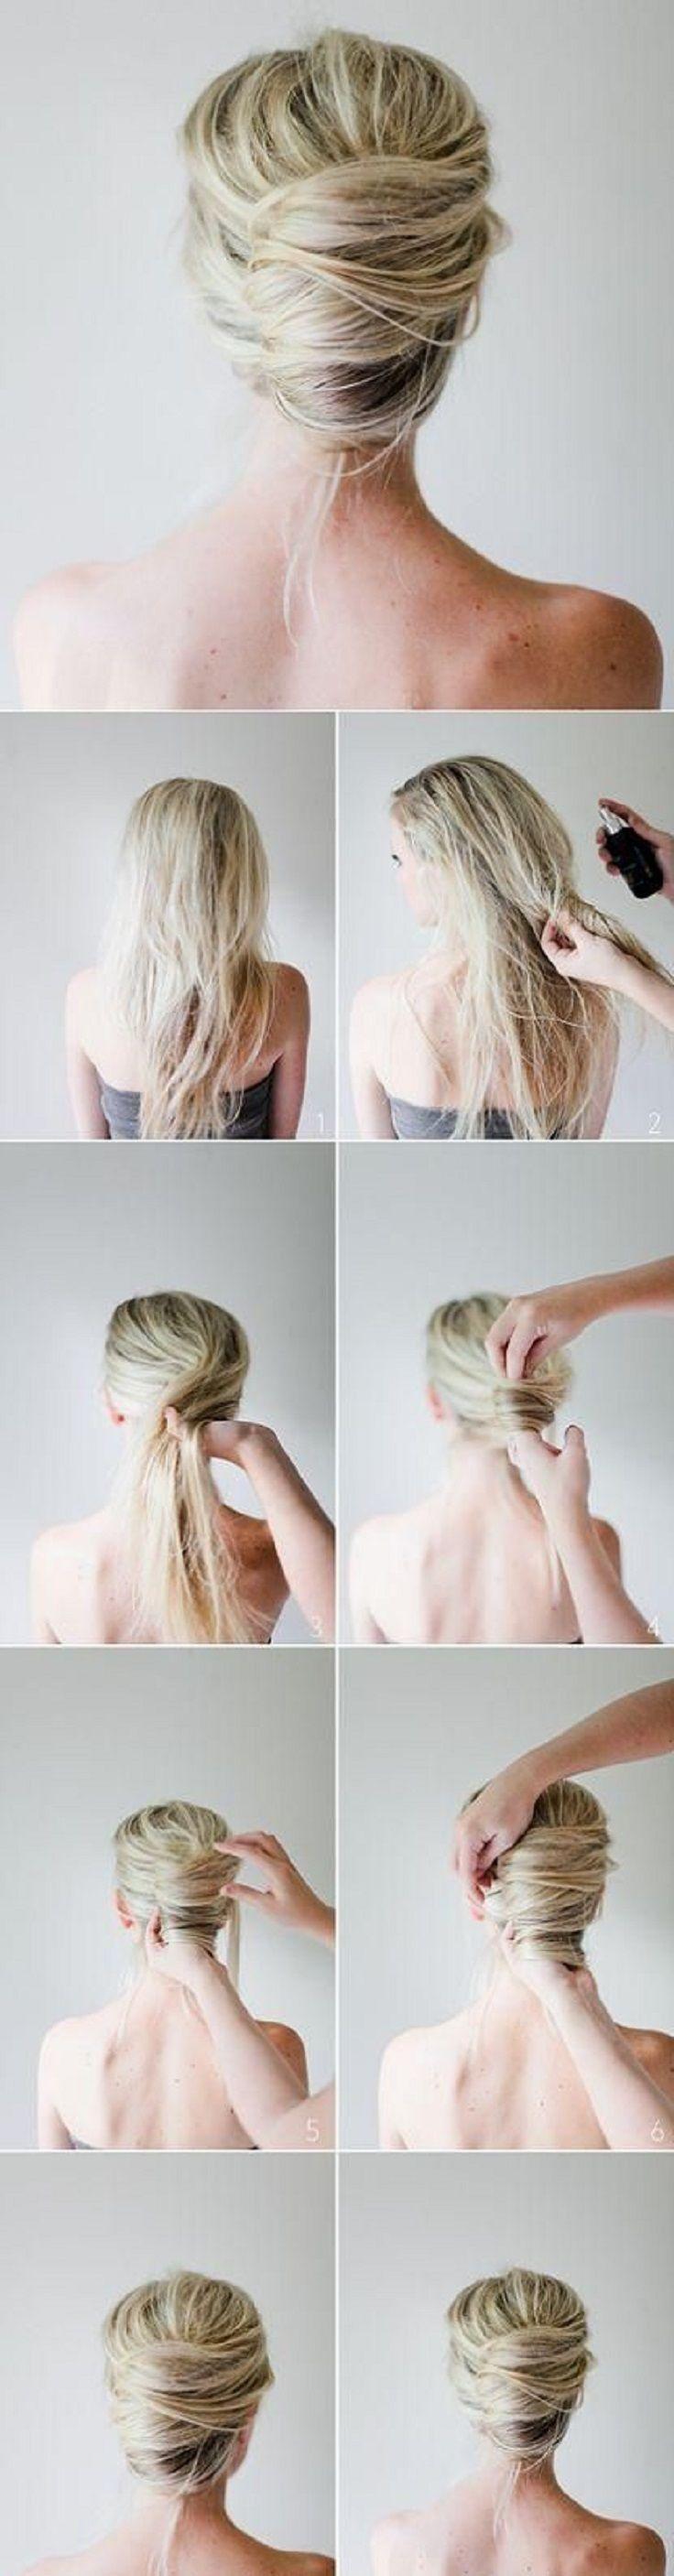 modèle-de-coiffure-pour-aller-au-travail-7